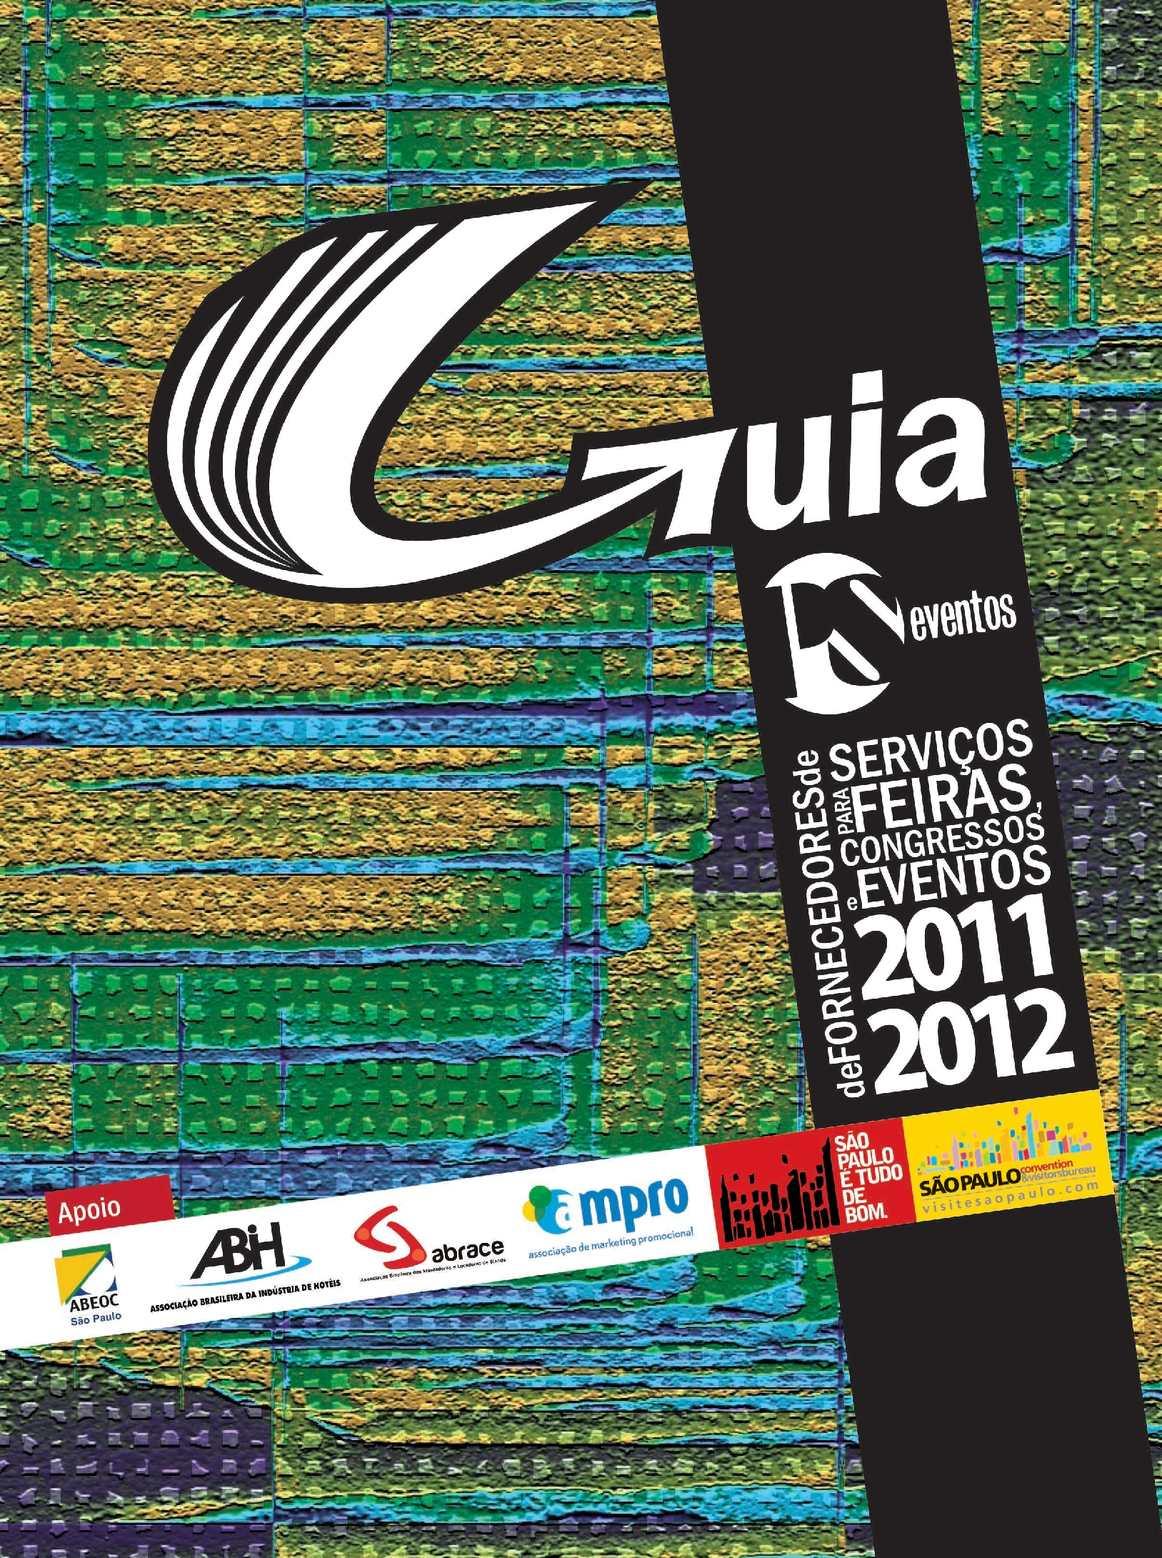 1bc9410c9 Calaméo - Guia PS eventos - 2011-2012